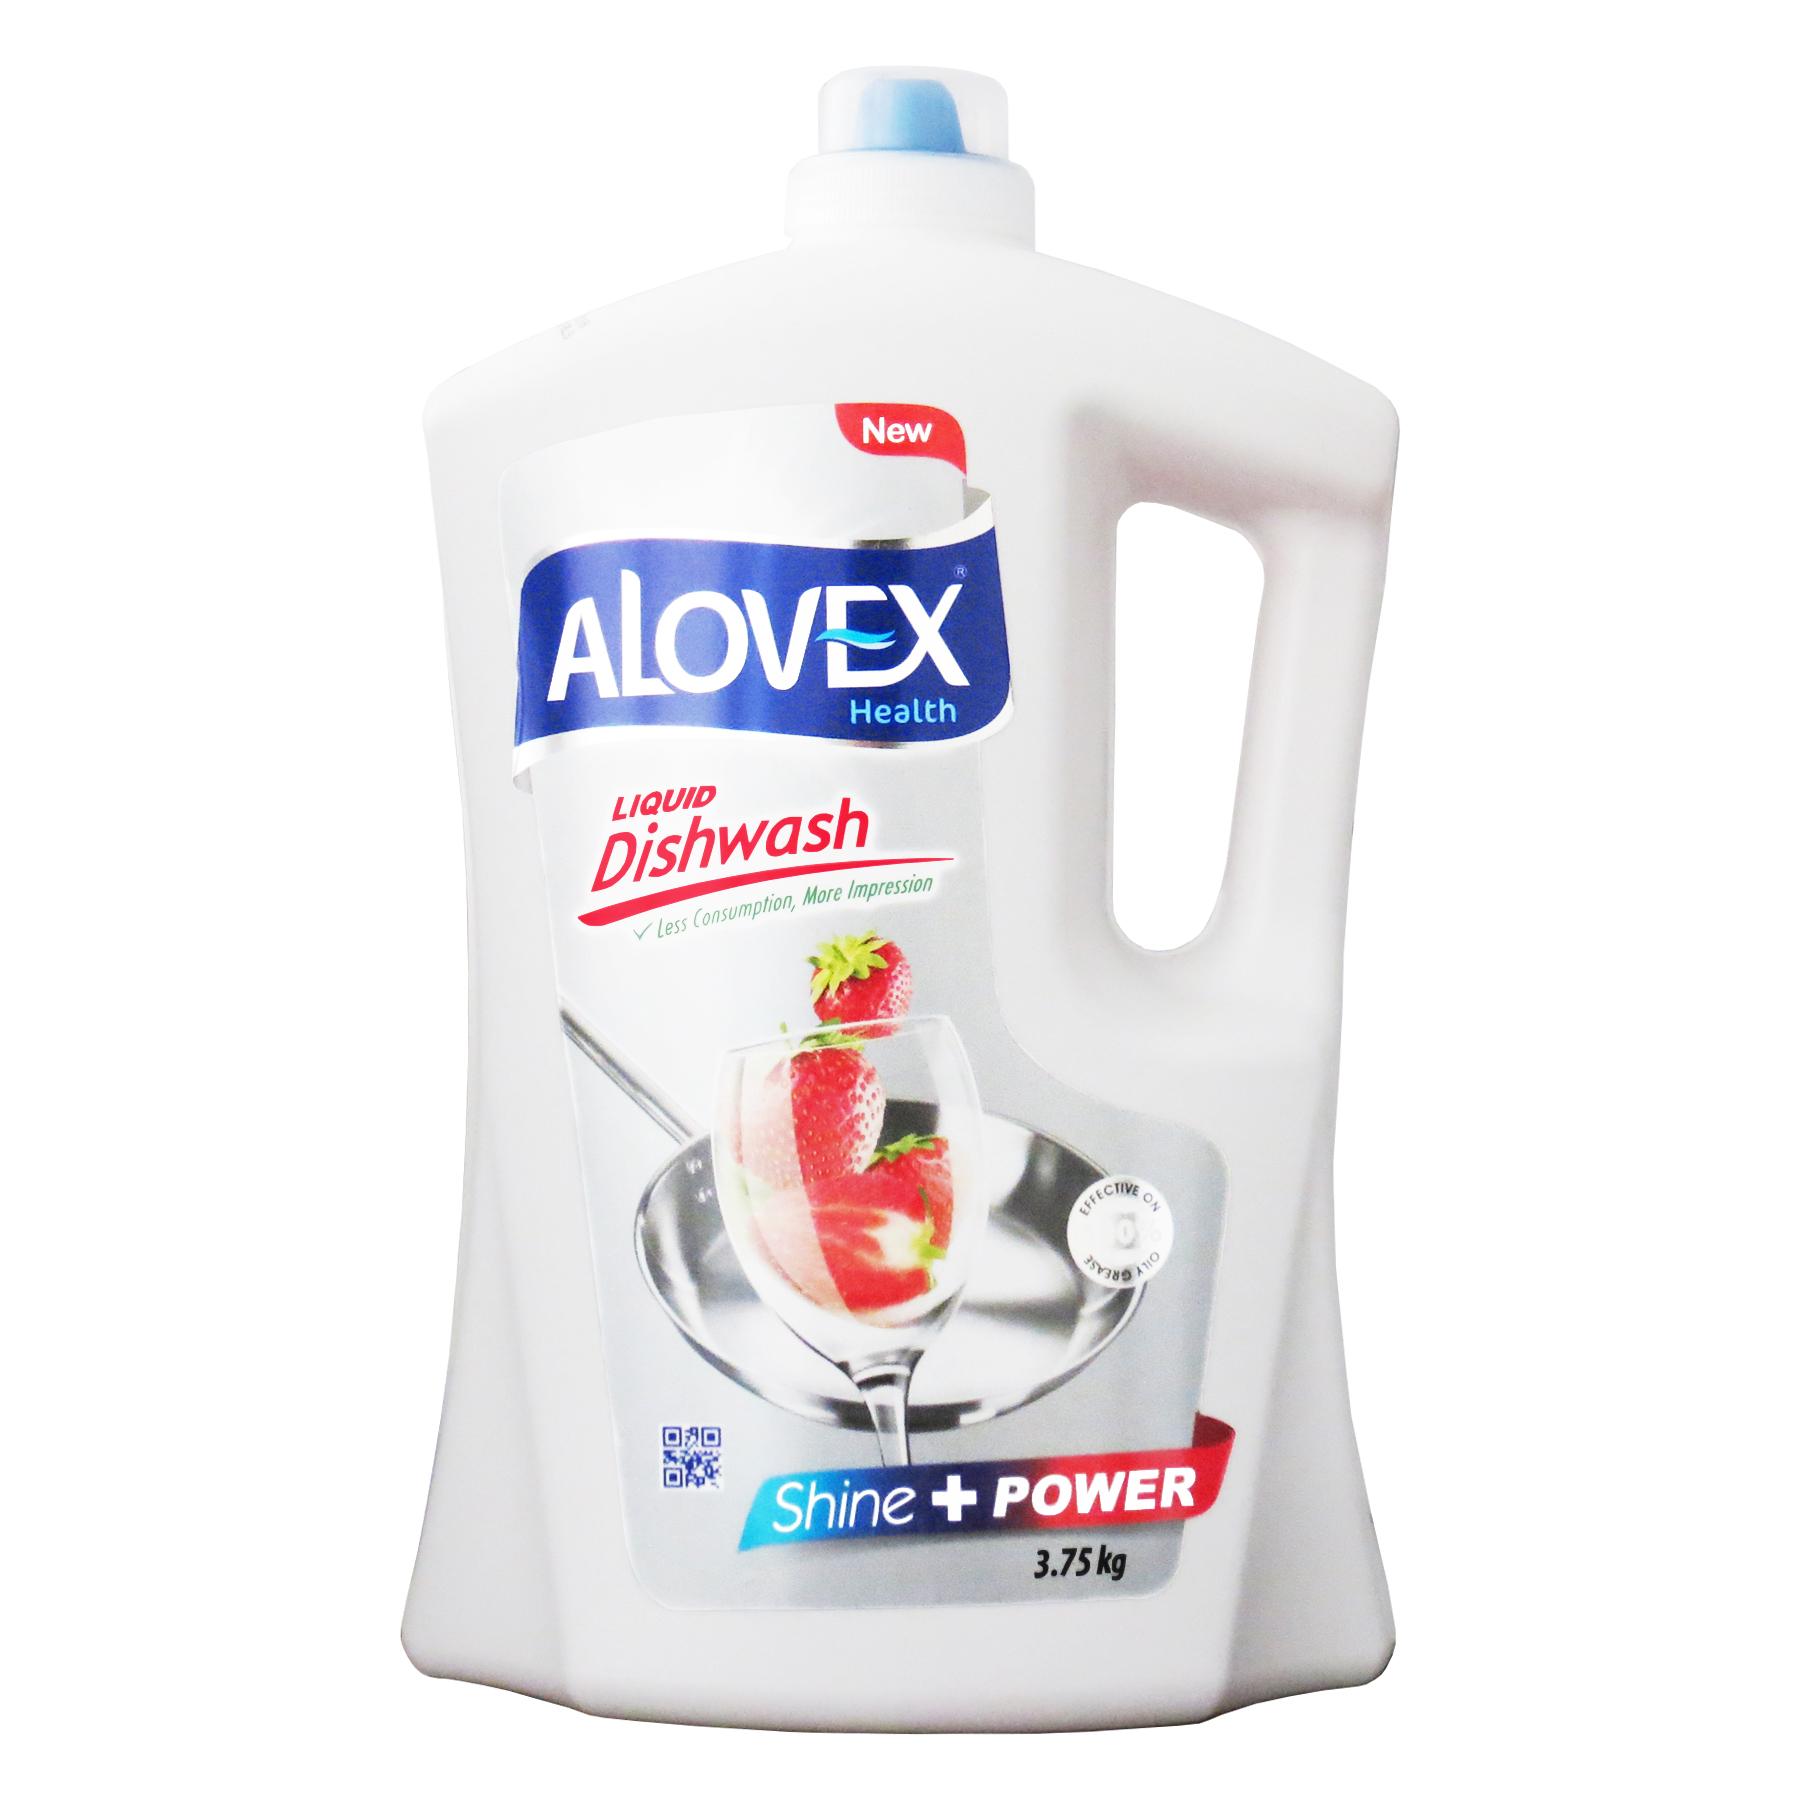 مایع ظرفشویی آلوکس 2000 گرم با رایحه توت فرنگی  - مایع ظرفشویی آلوکس 2000 گرم با رایحه توت فرنگی